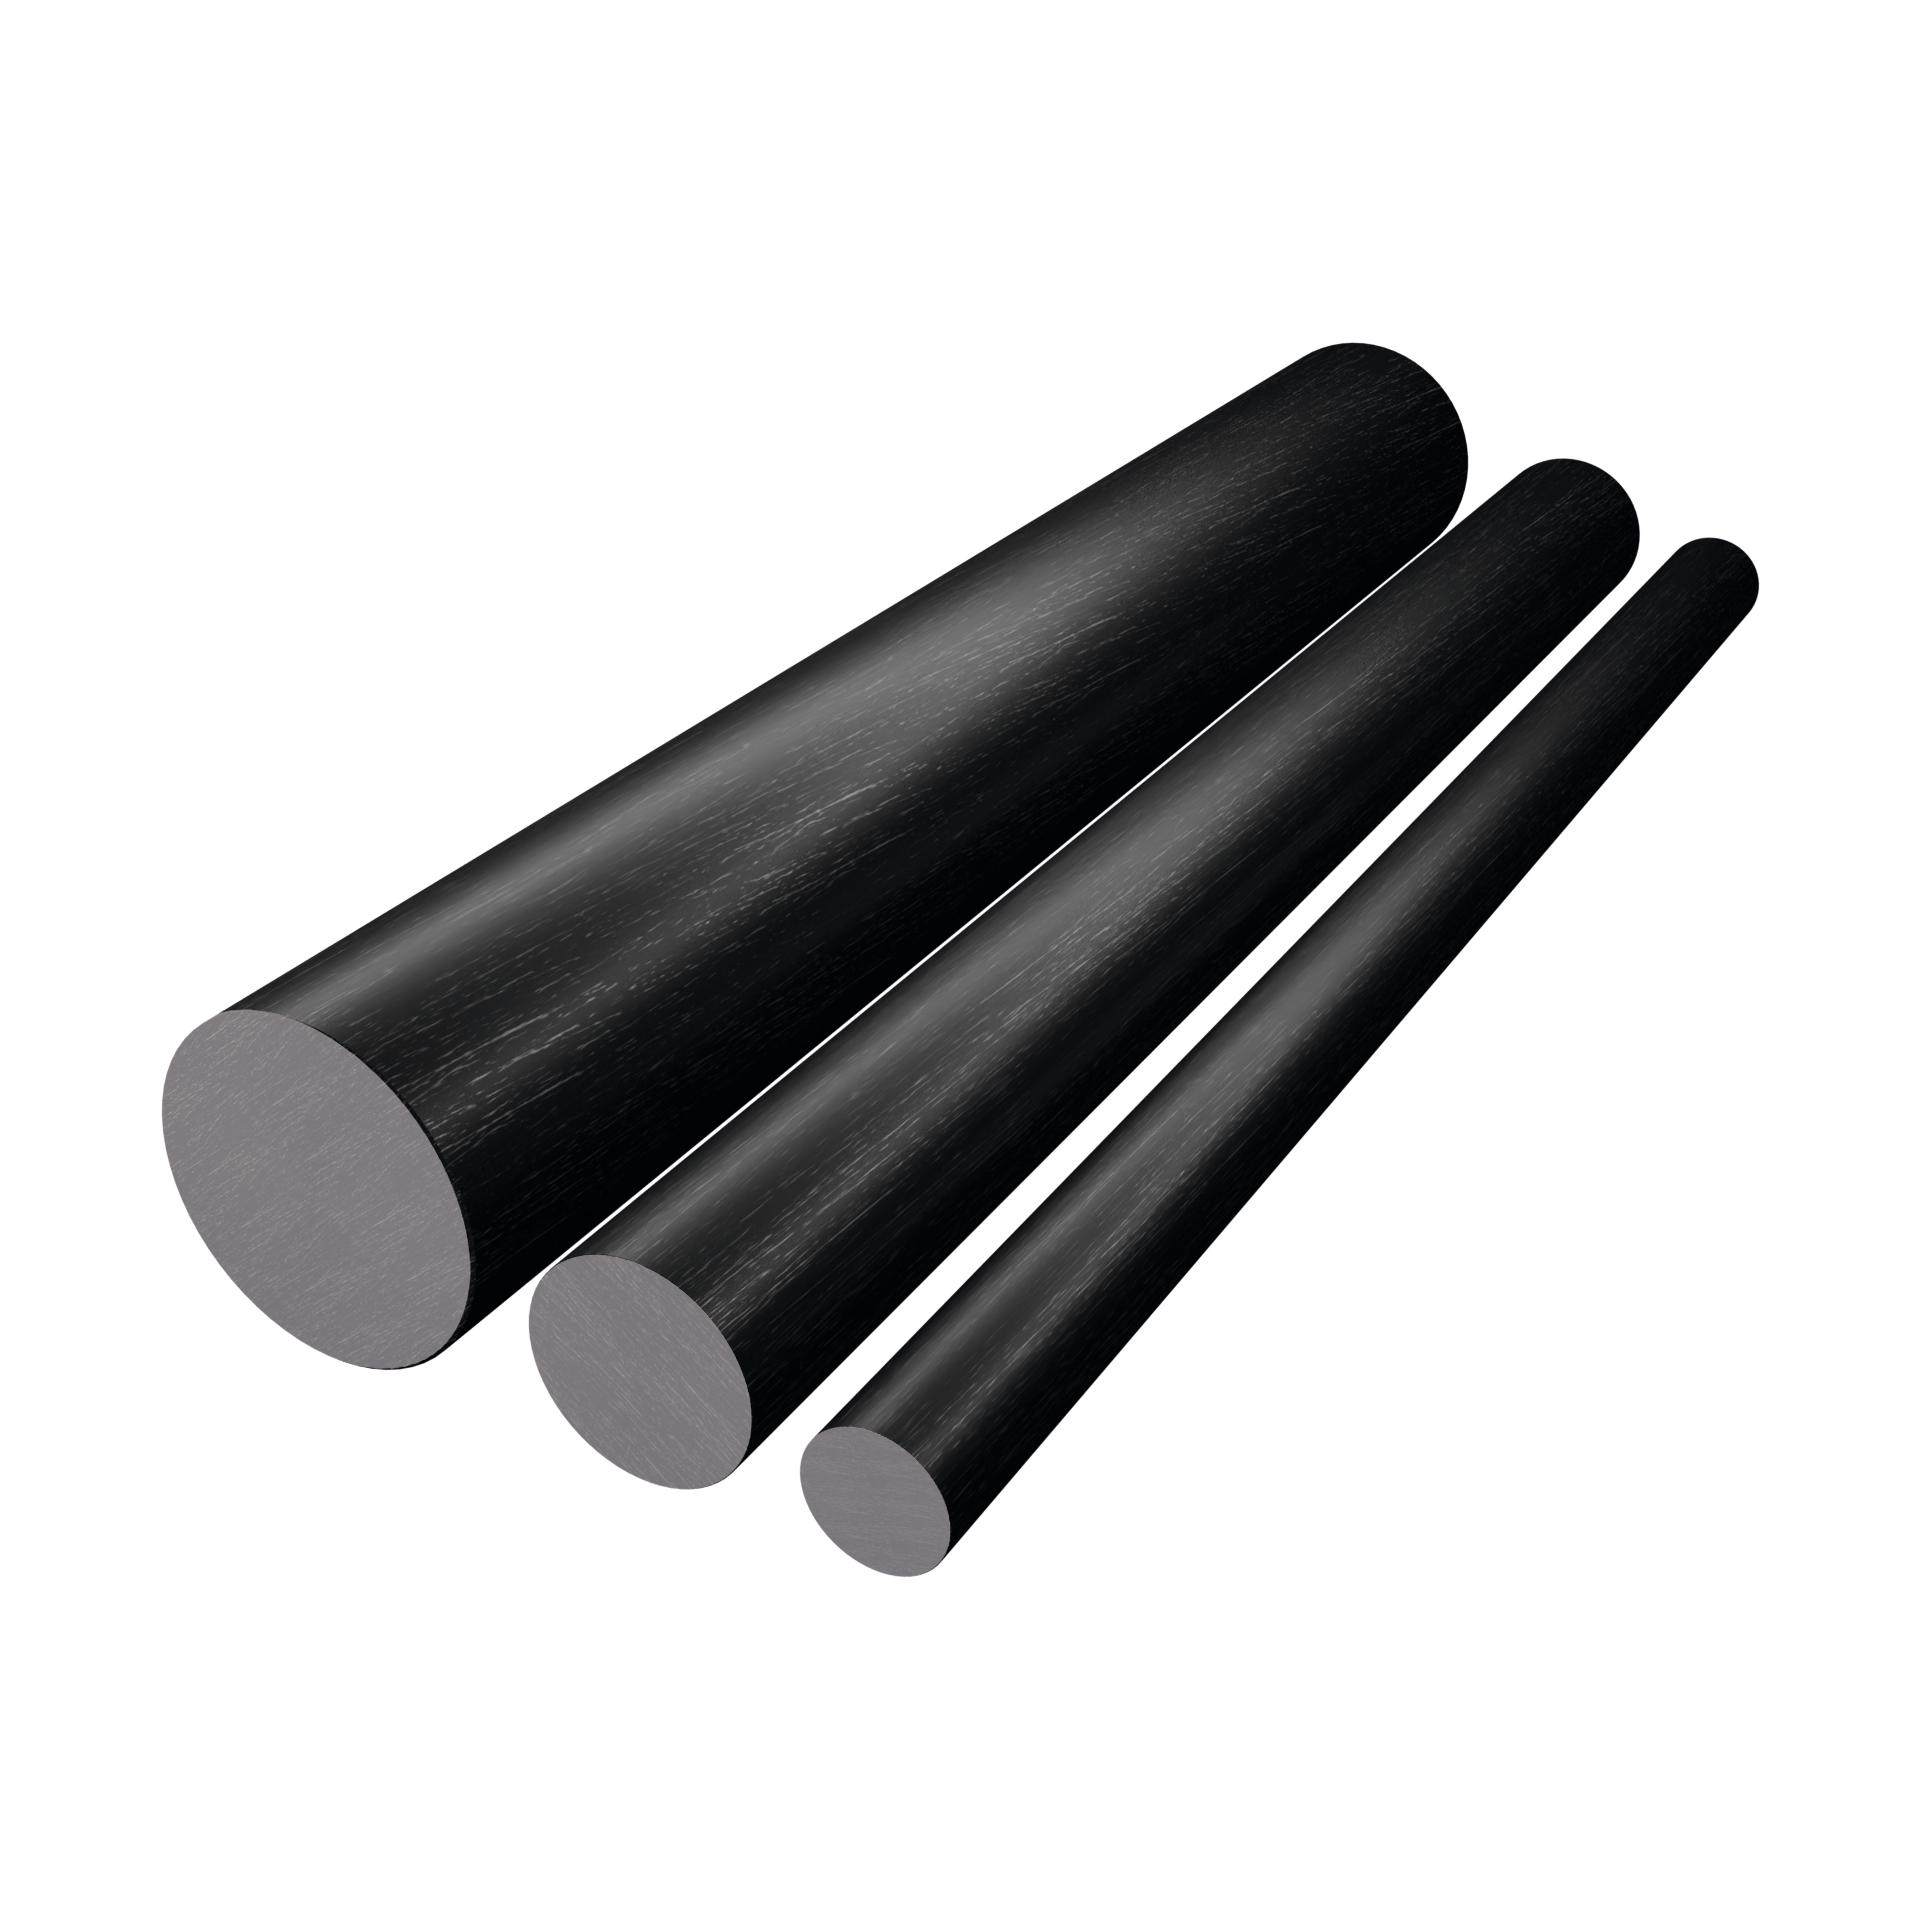 CarboSix tondi in fibra di carbonio